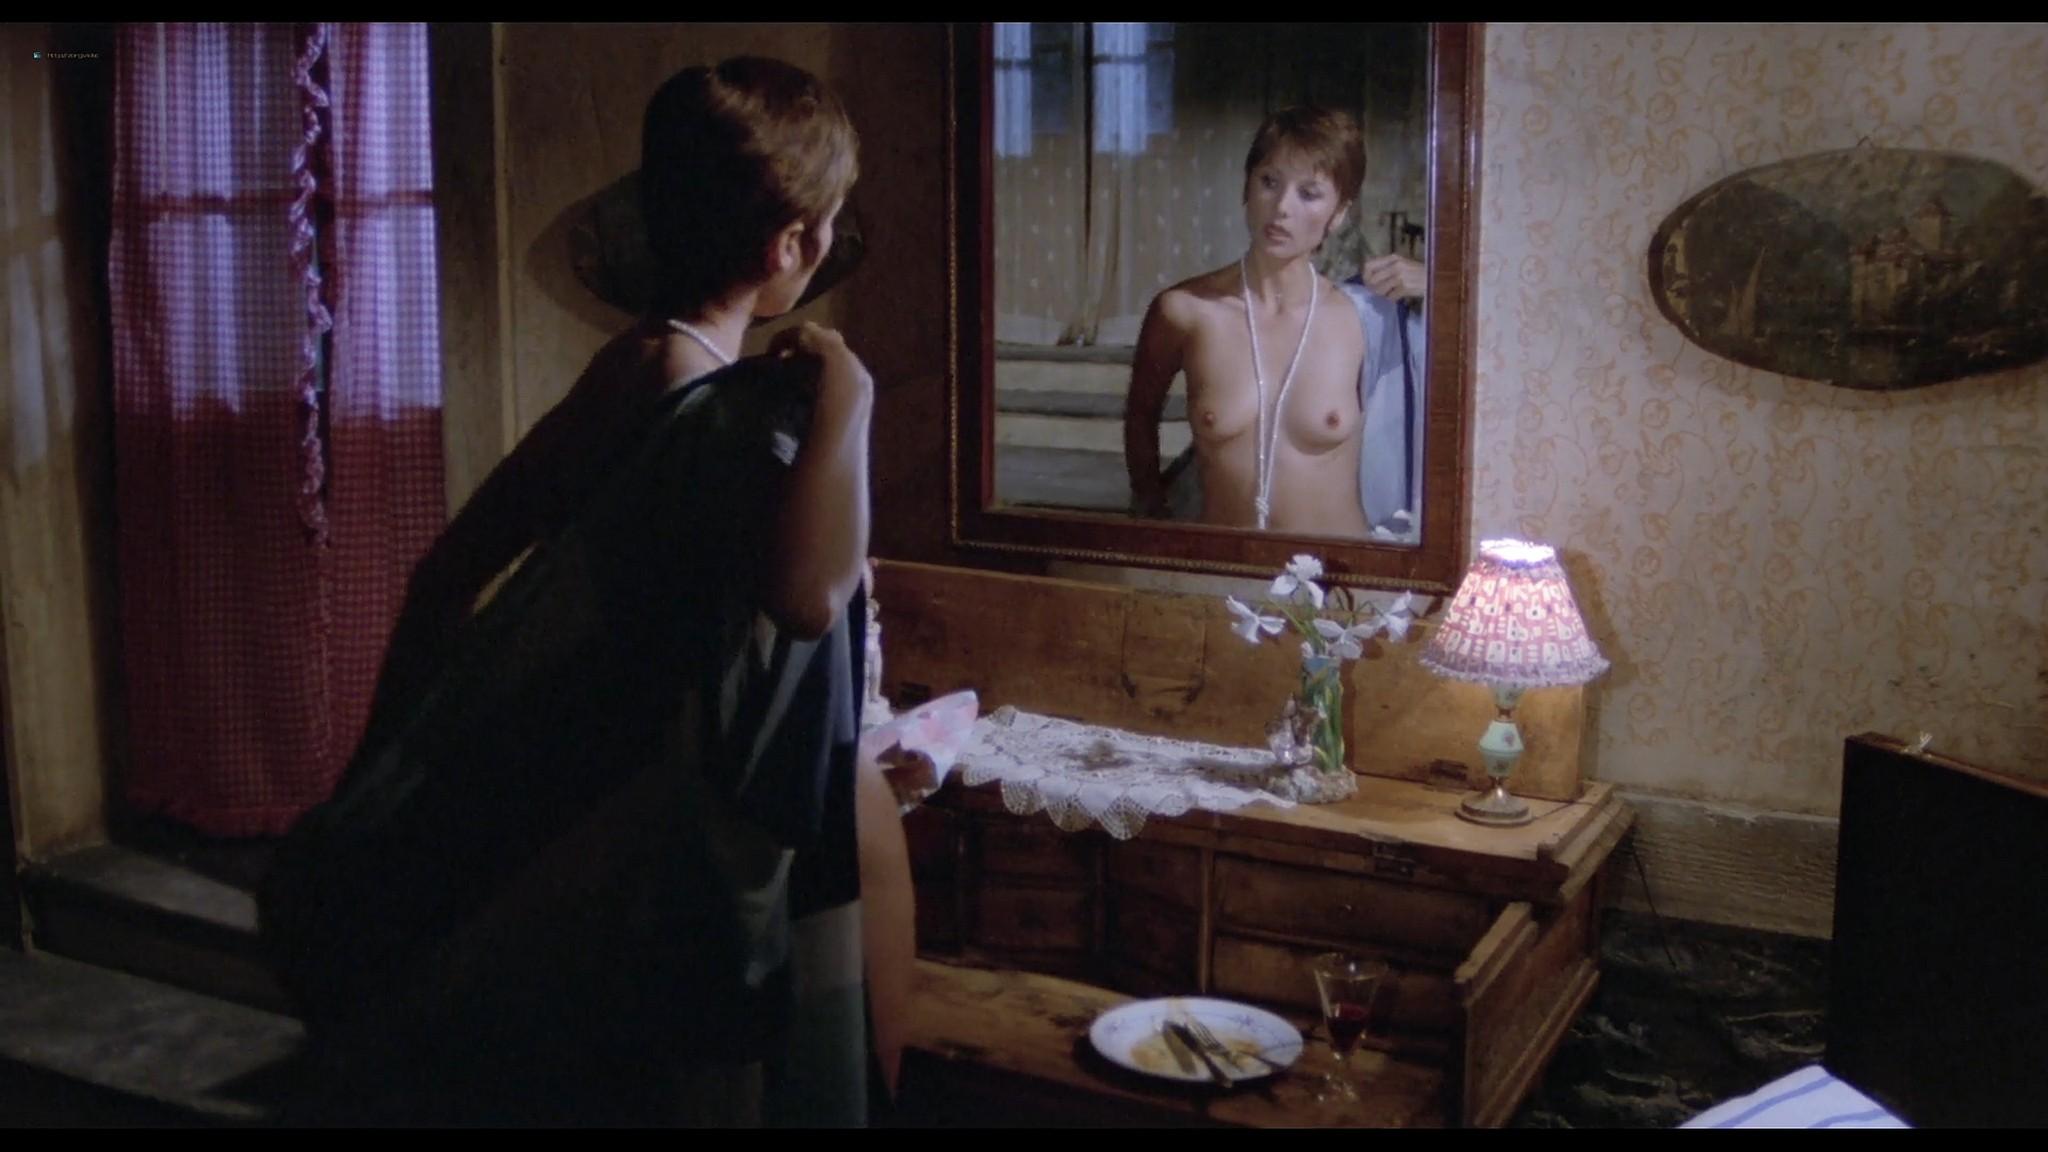 Barbara Bouchet nude bush Stefania Casini and others nude Come perdere una moglie e trovare un amante IT 1978 1080p Web 8